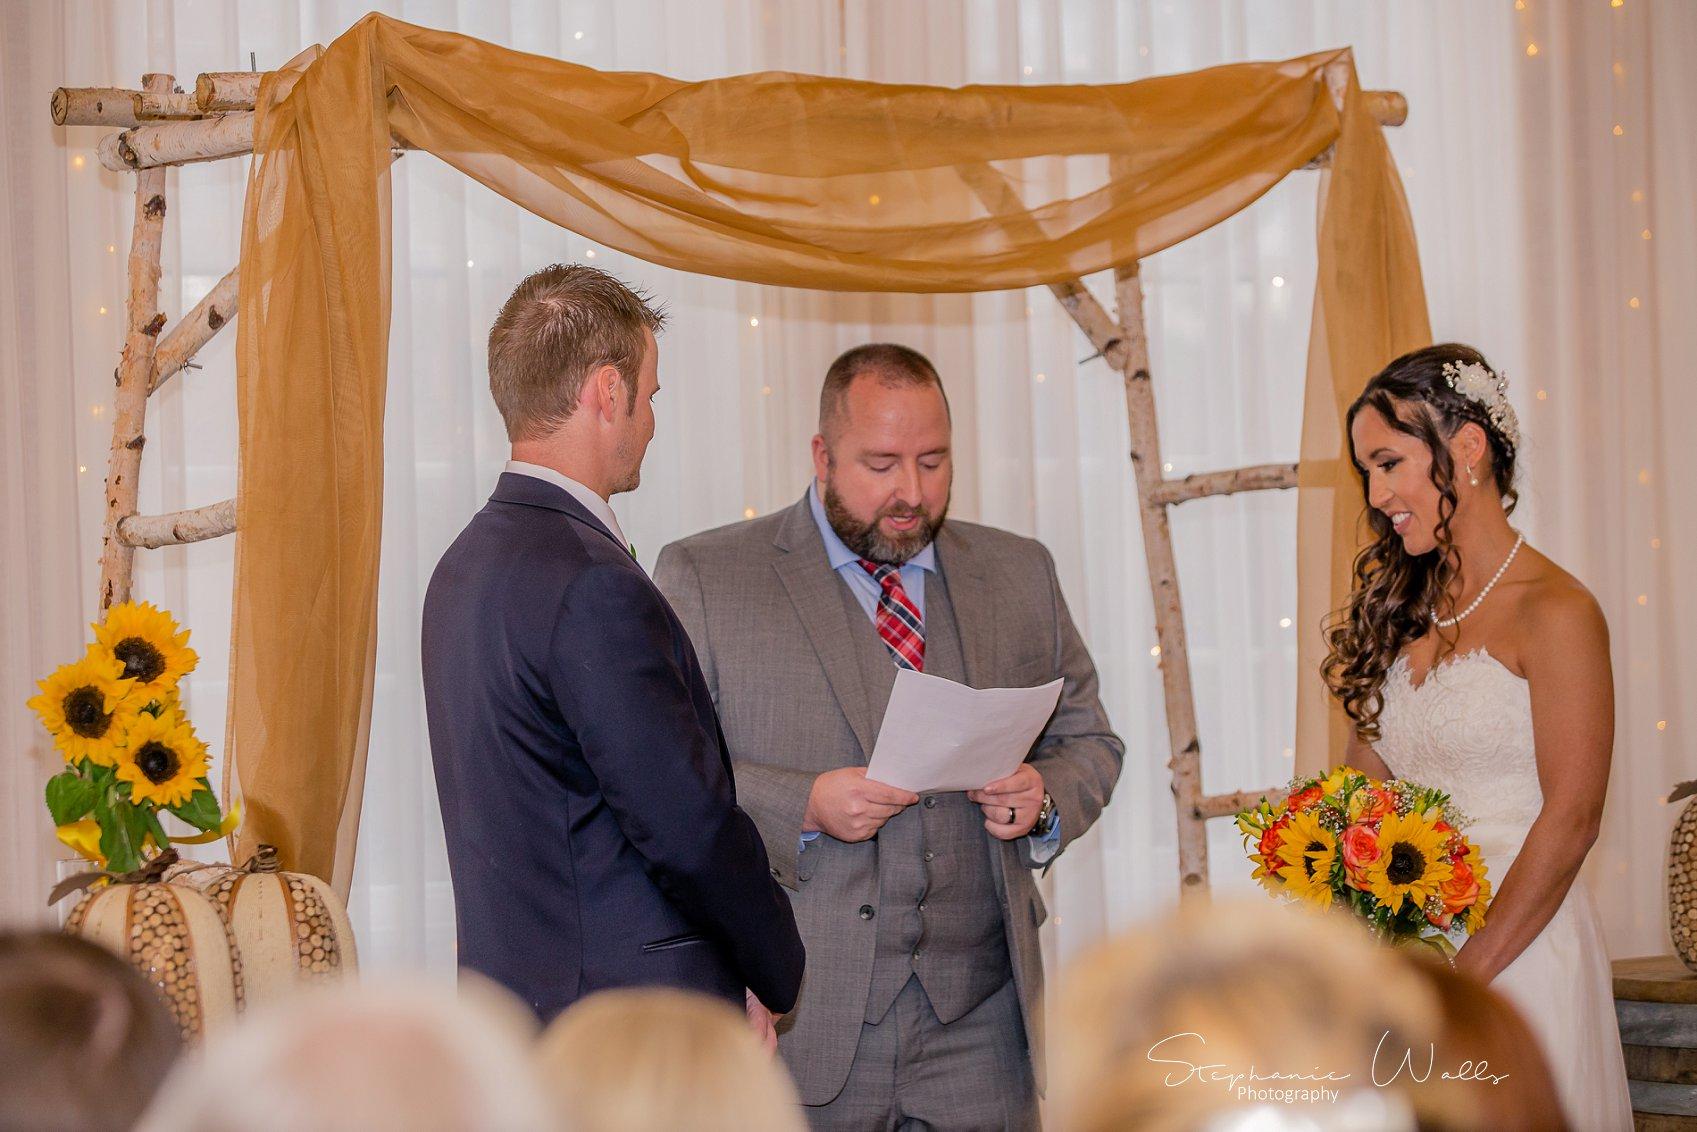 Ceremony 076 KK & Zack   Hollywood Schoolhouse Wedding   Woodinville, Wa Wedding Photographer